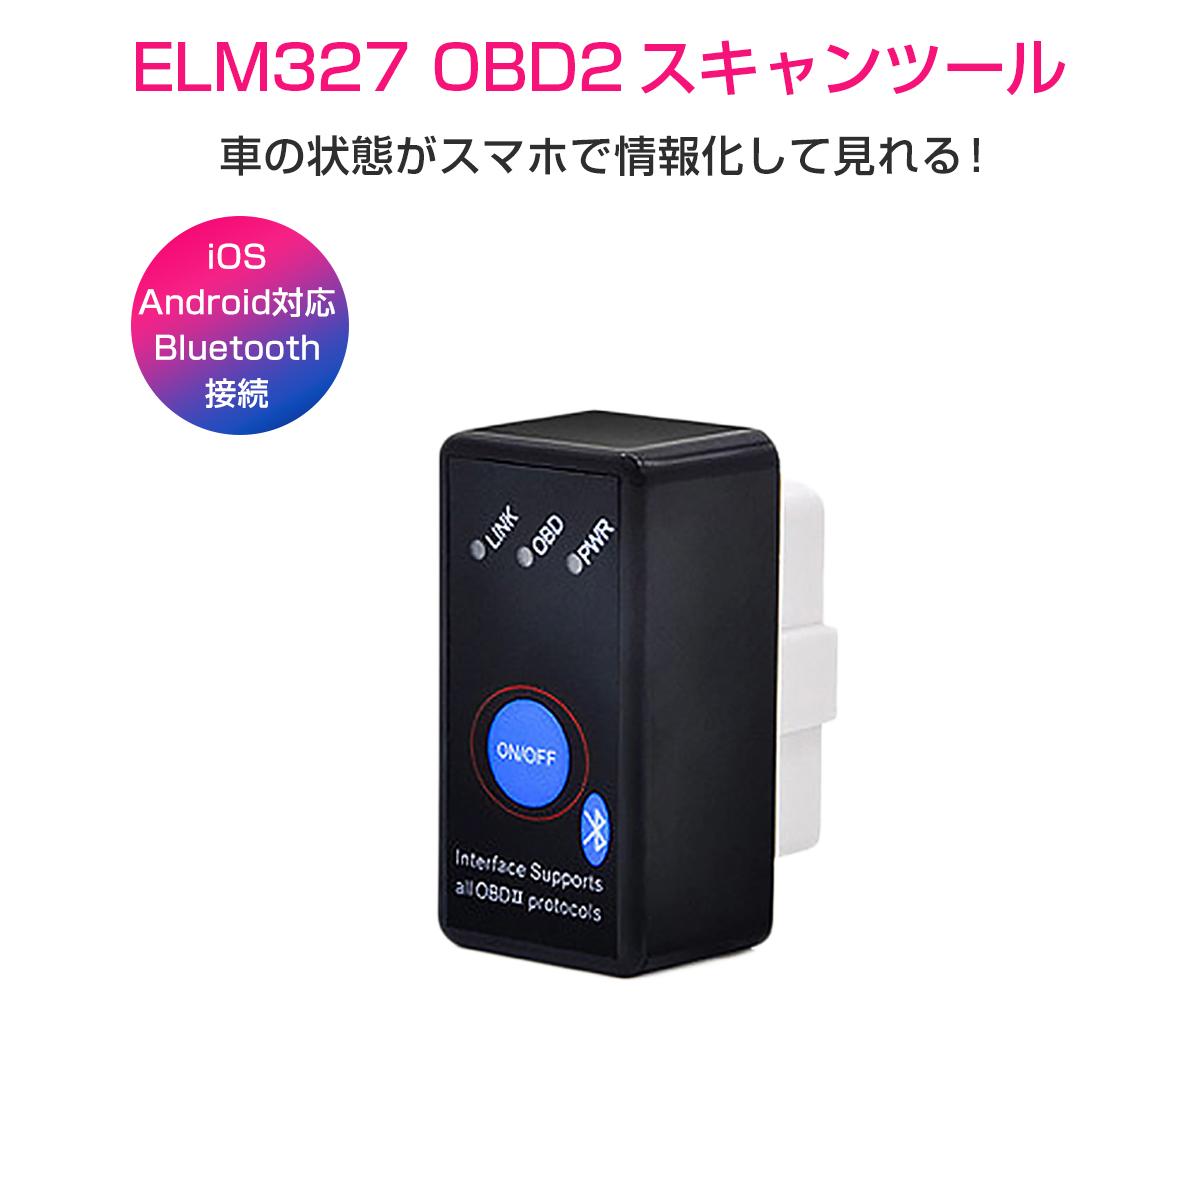 1ヶ月保証 送料無料 ELM327 Bluetooth OBD2汎用スキャンツール V1.5 ON/OFFスイッチ付き iOS Android Windows対応 iPhone iPad スマホ タブレット カー情報診断ツール OBDII マルチメーター 1ヶ月保証